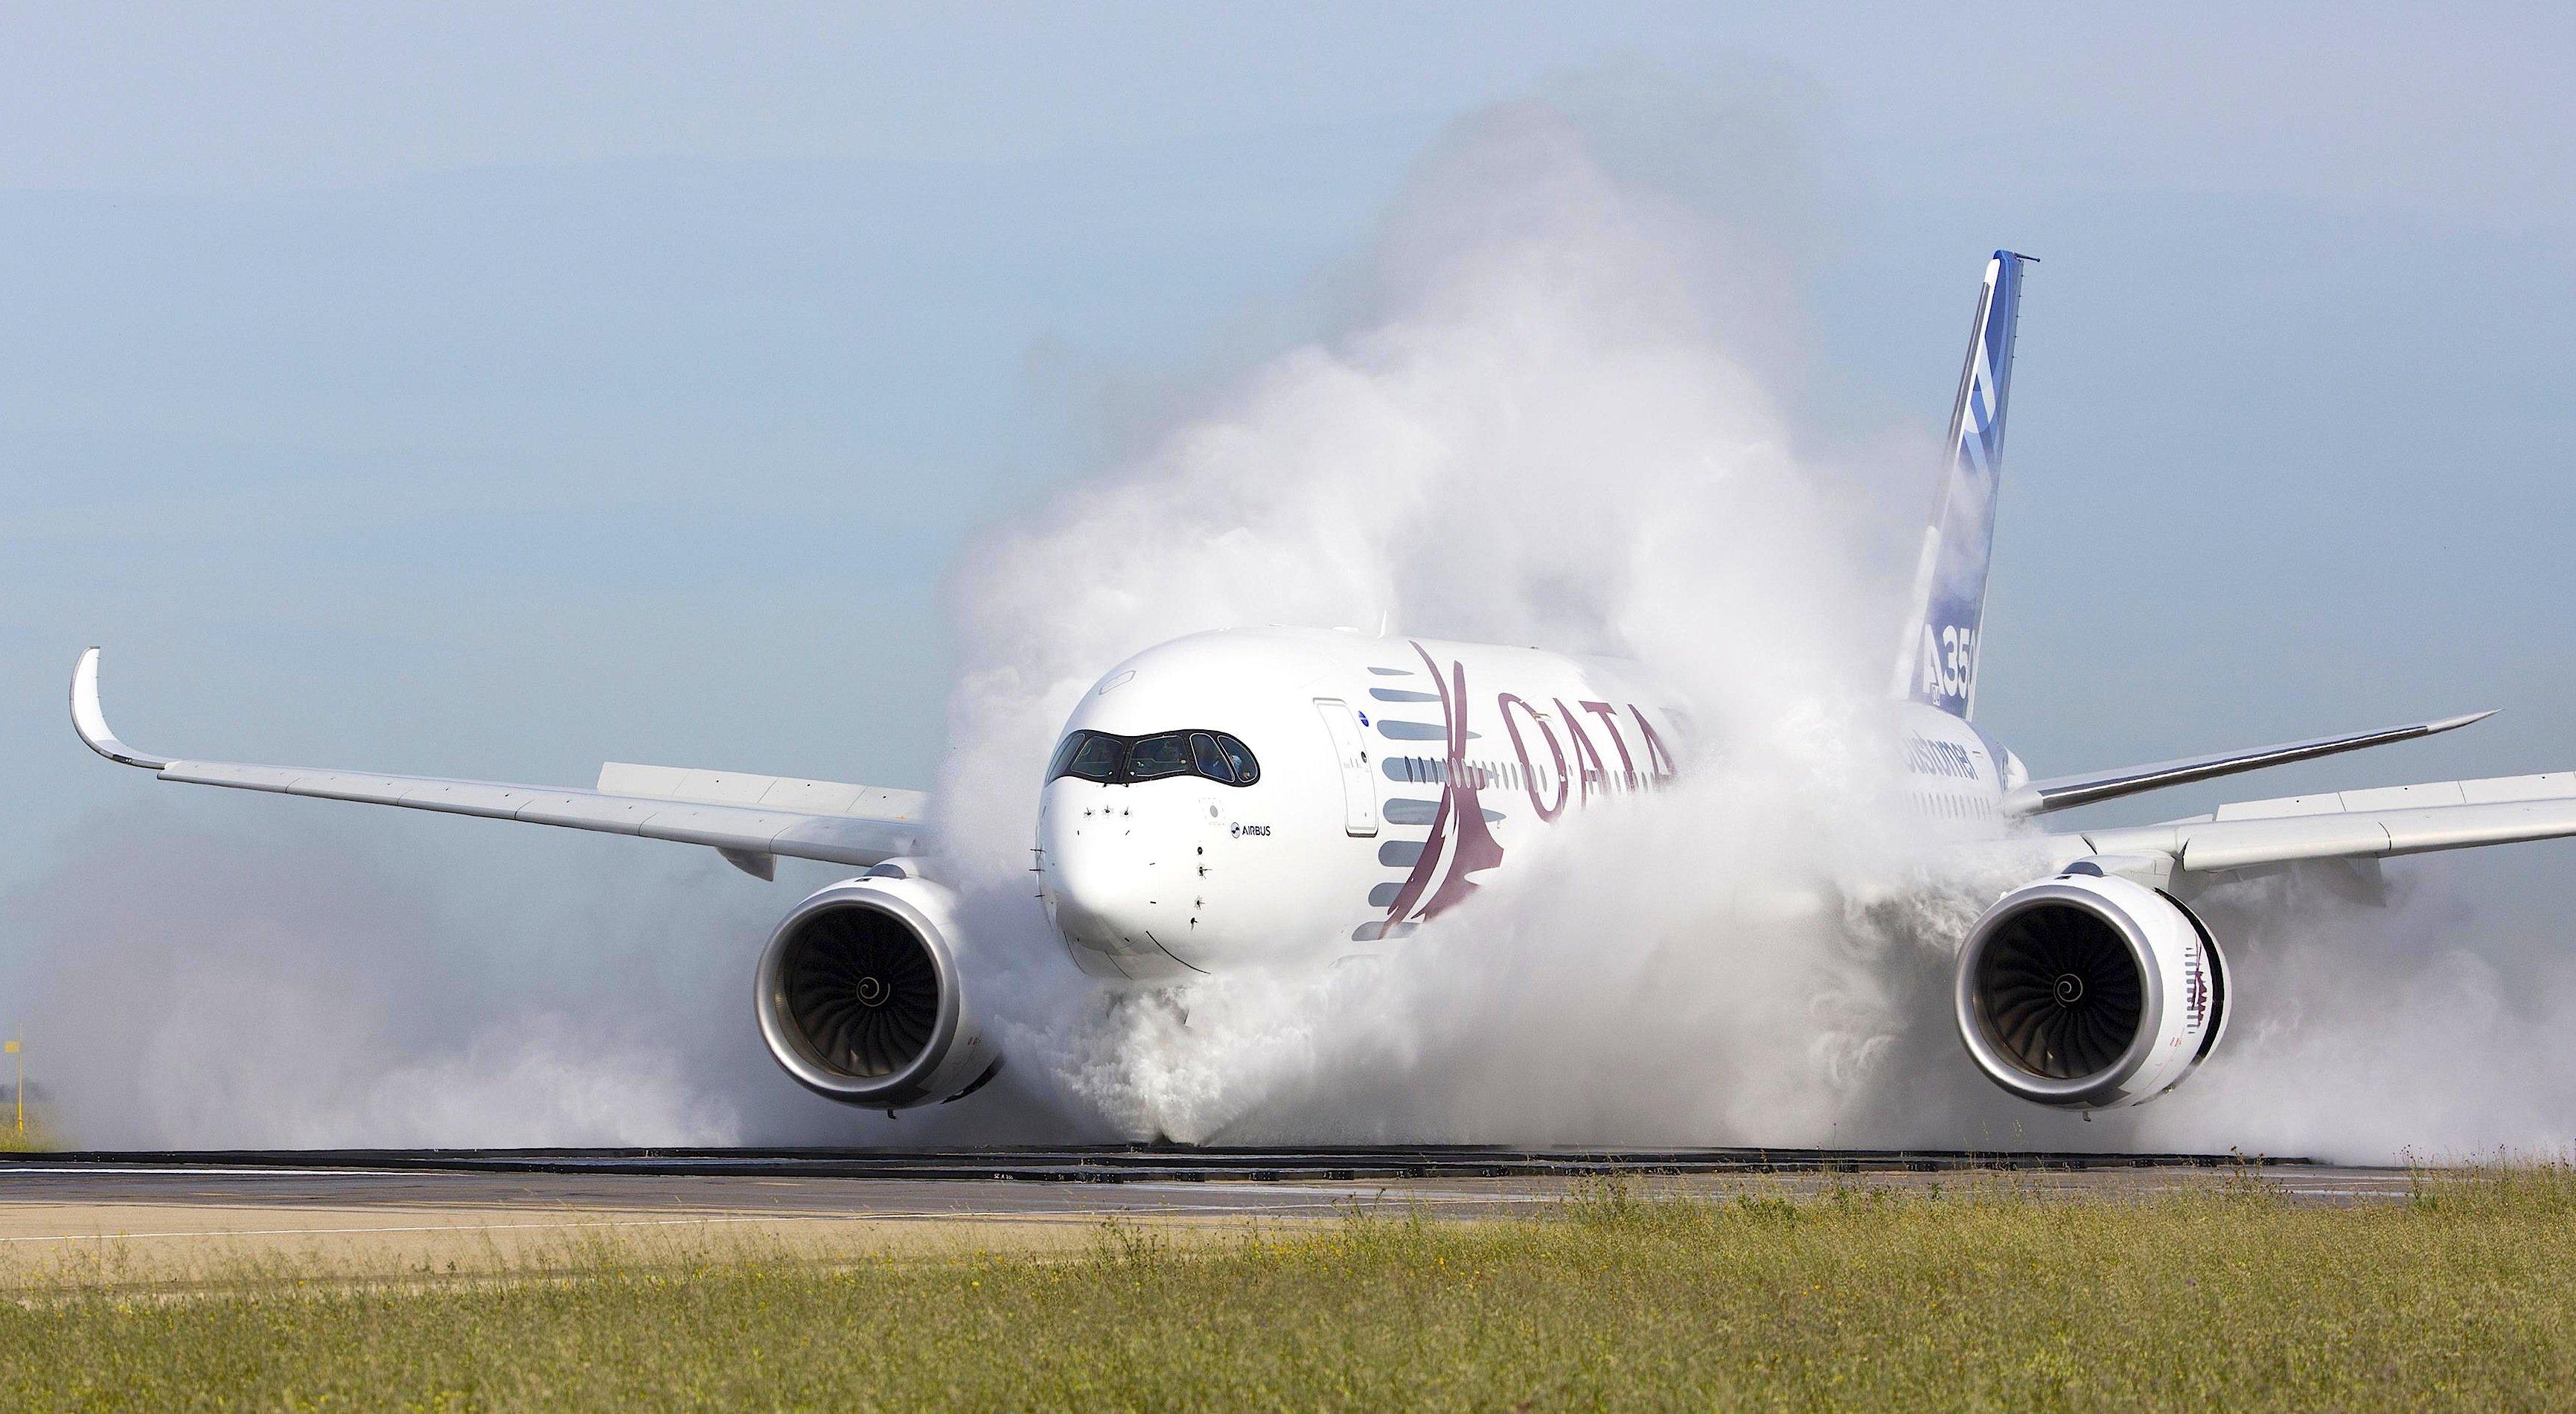 Spritzwassertest eines A350: Das Spritzwasser kann mit so viel Kraft auf Flugzeugteile treffen, dass sie verbiegen.